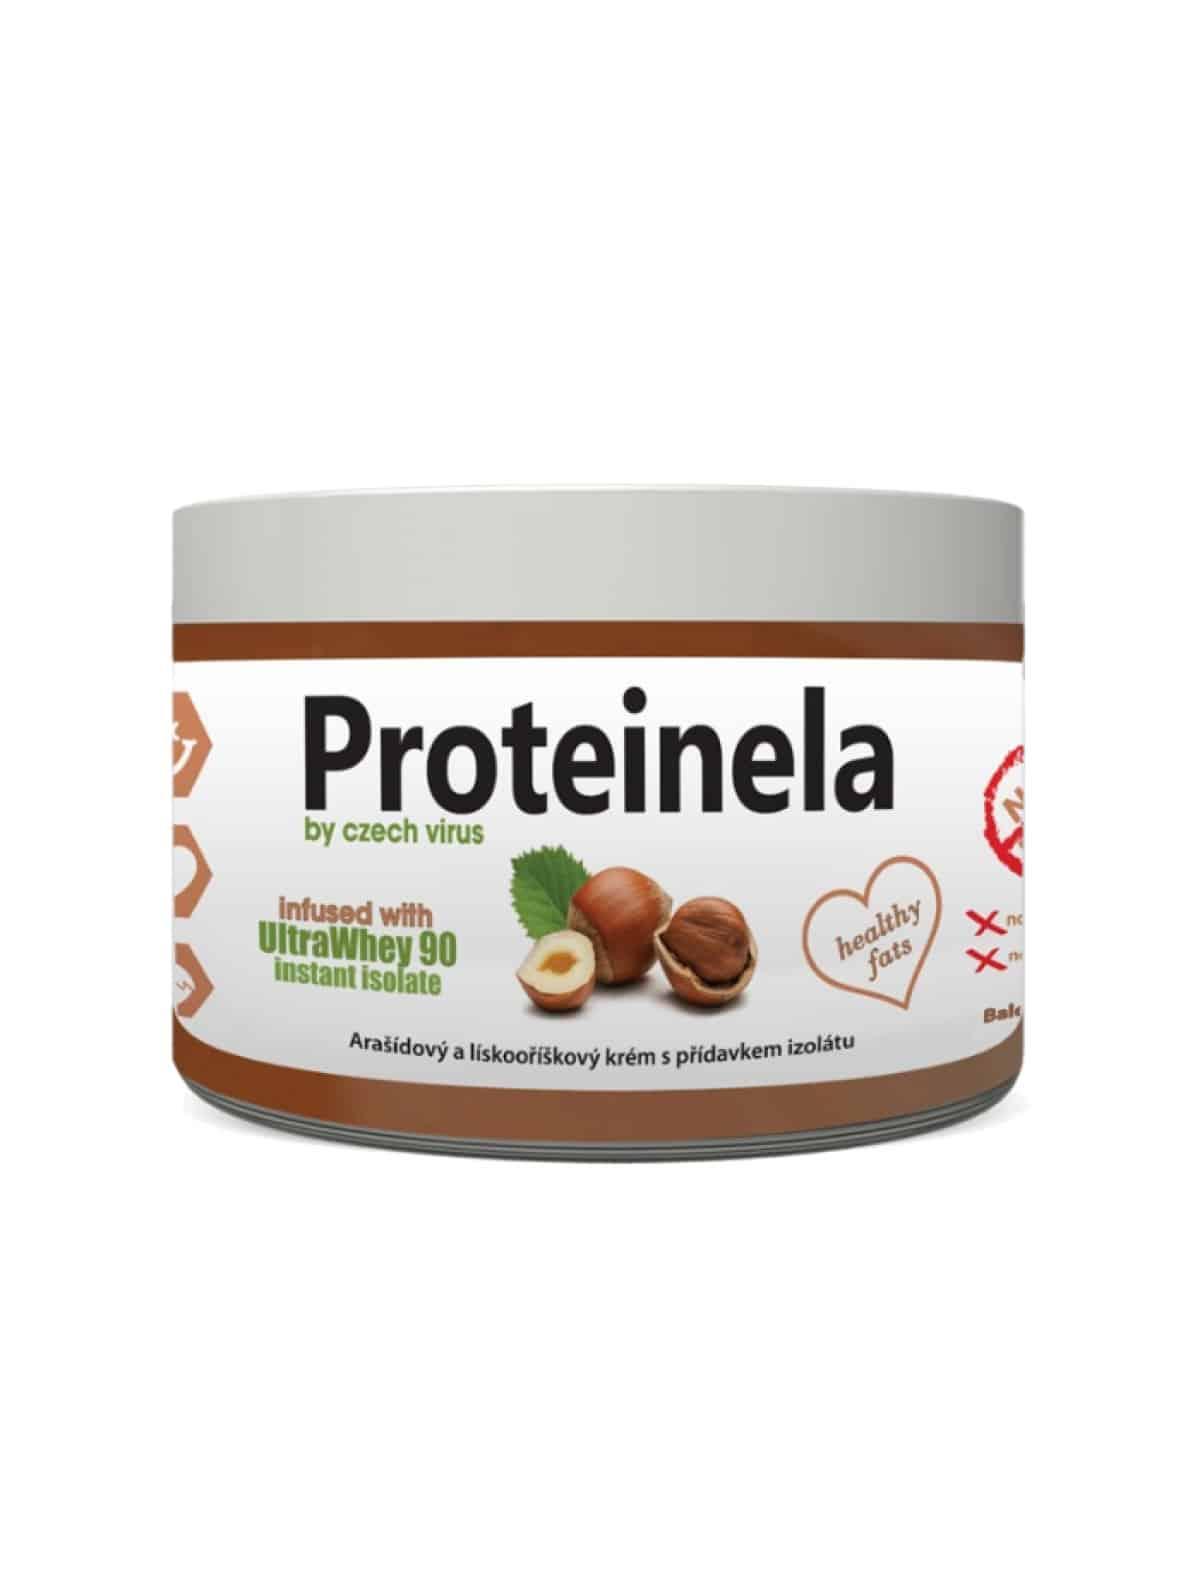 Proteinela Czech Virus: zdravá fitness nutella za skvelú cenu!